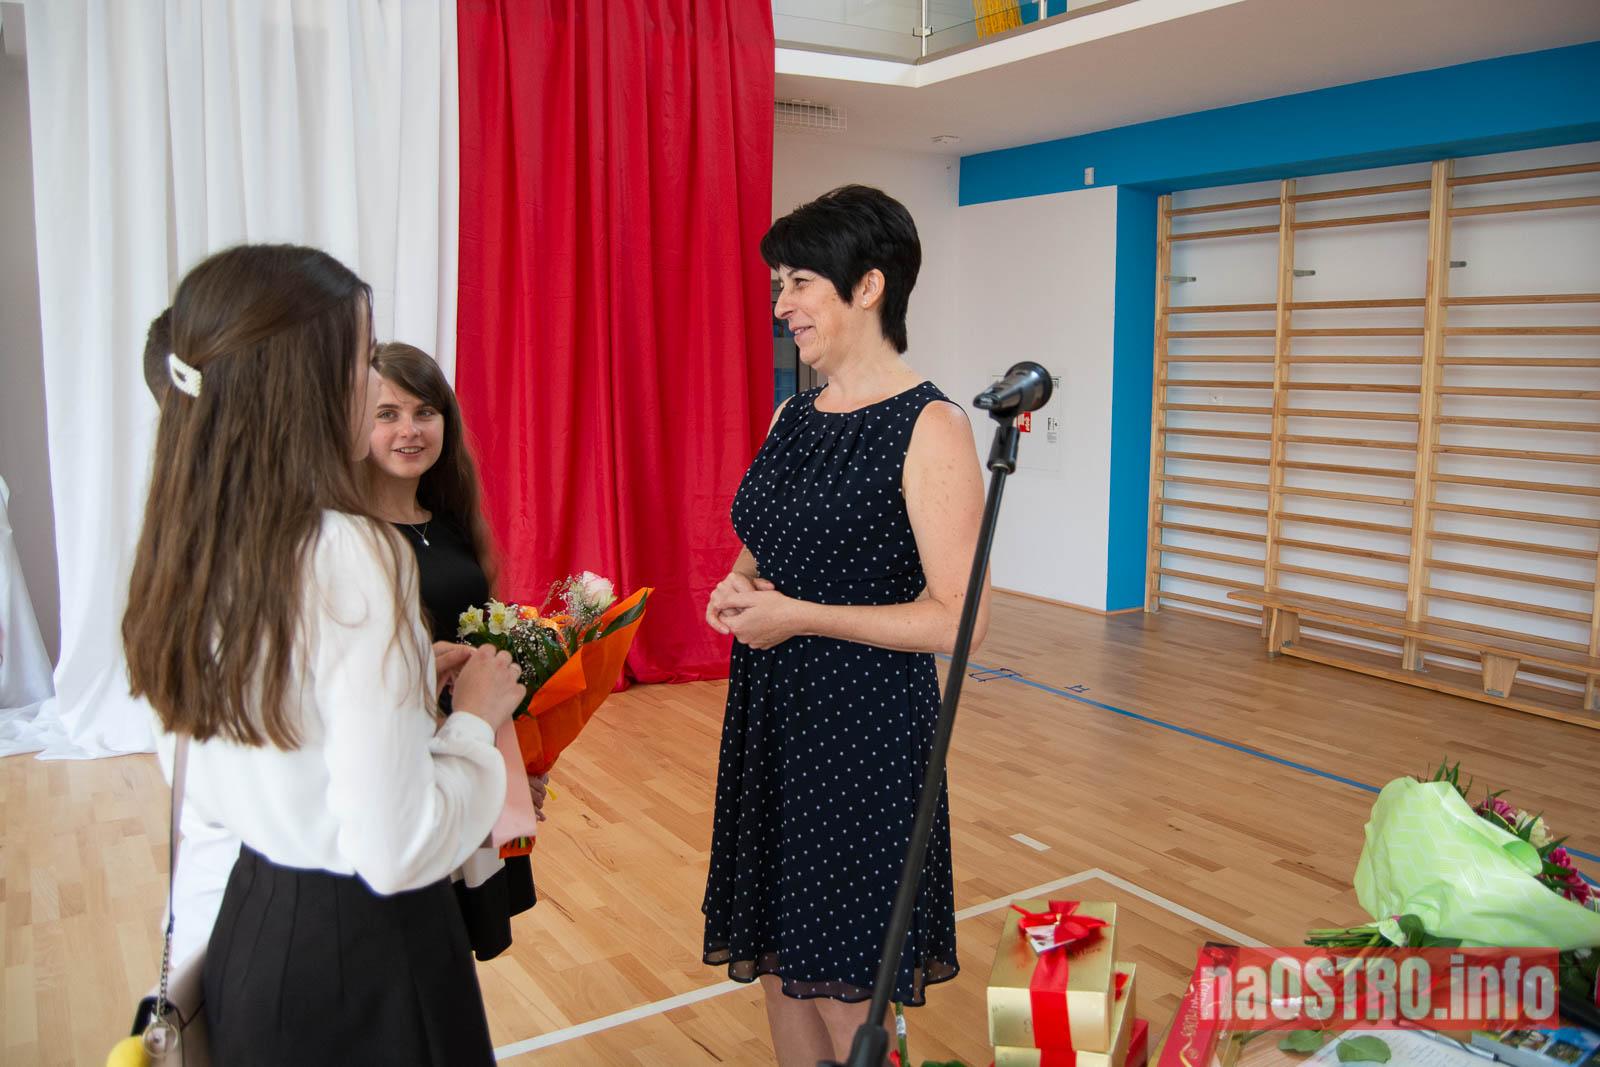 NaOSTROinfo Zakończenie Roku Szkolengo 8 klas Bałtów-1044